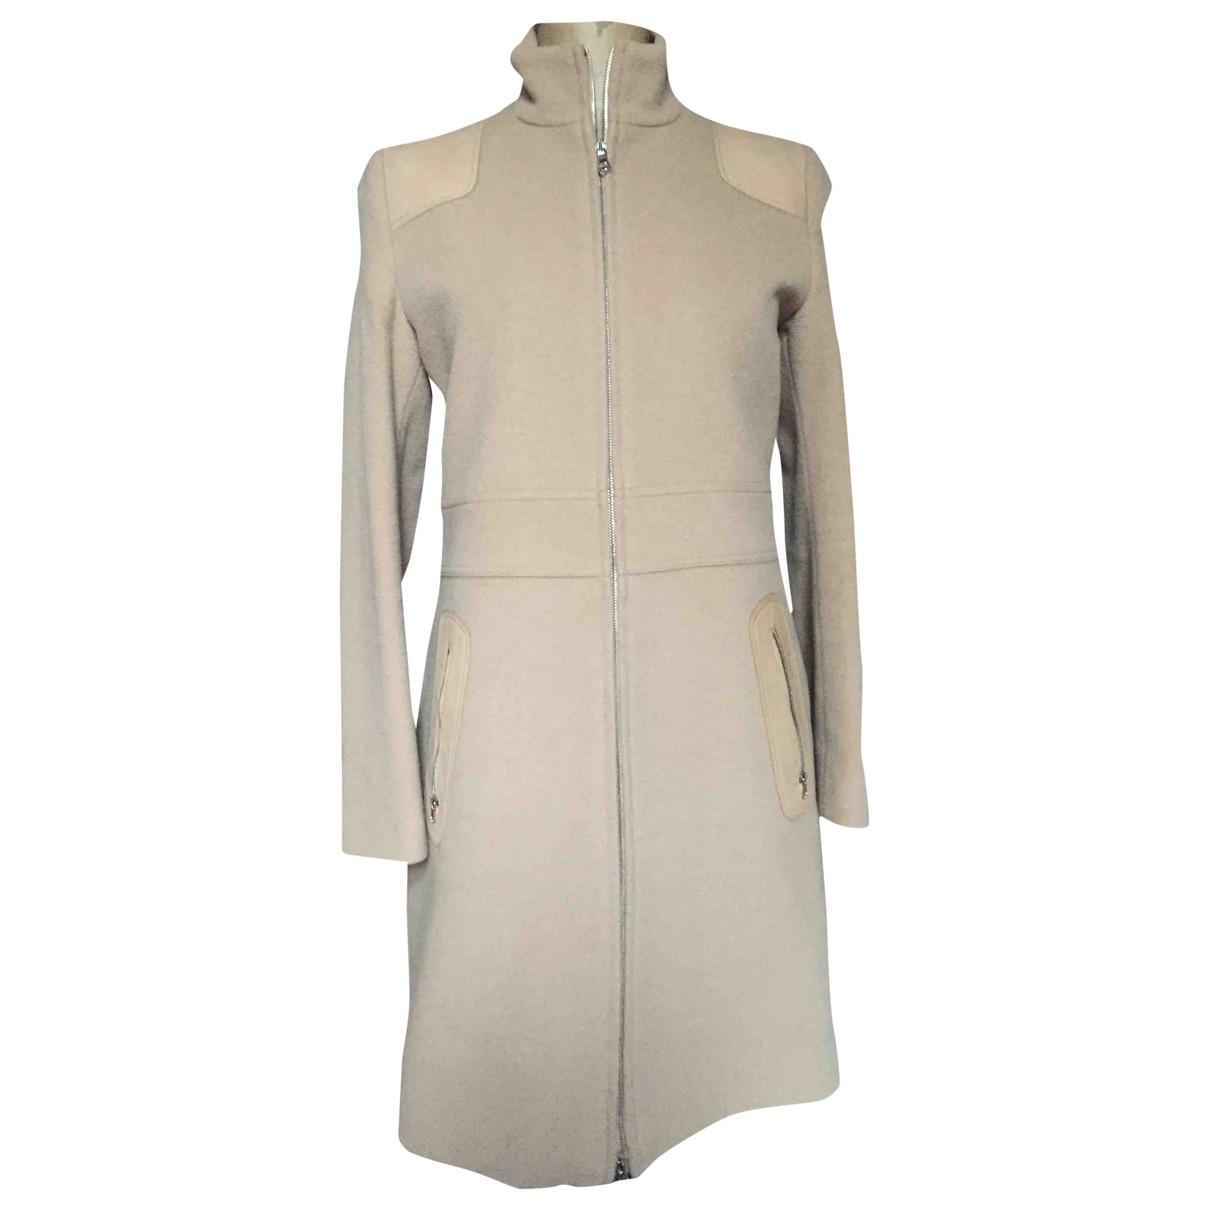 Joseph \N Beige Wool coat for Women S International